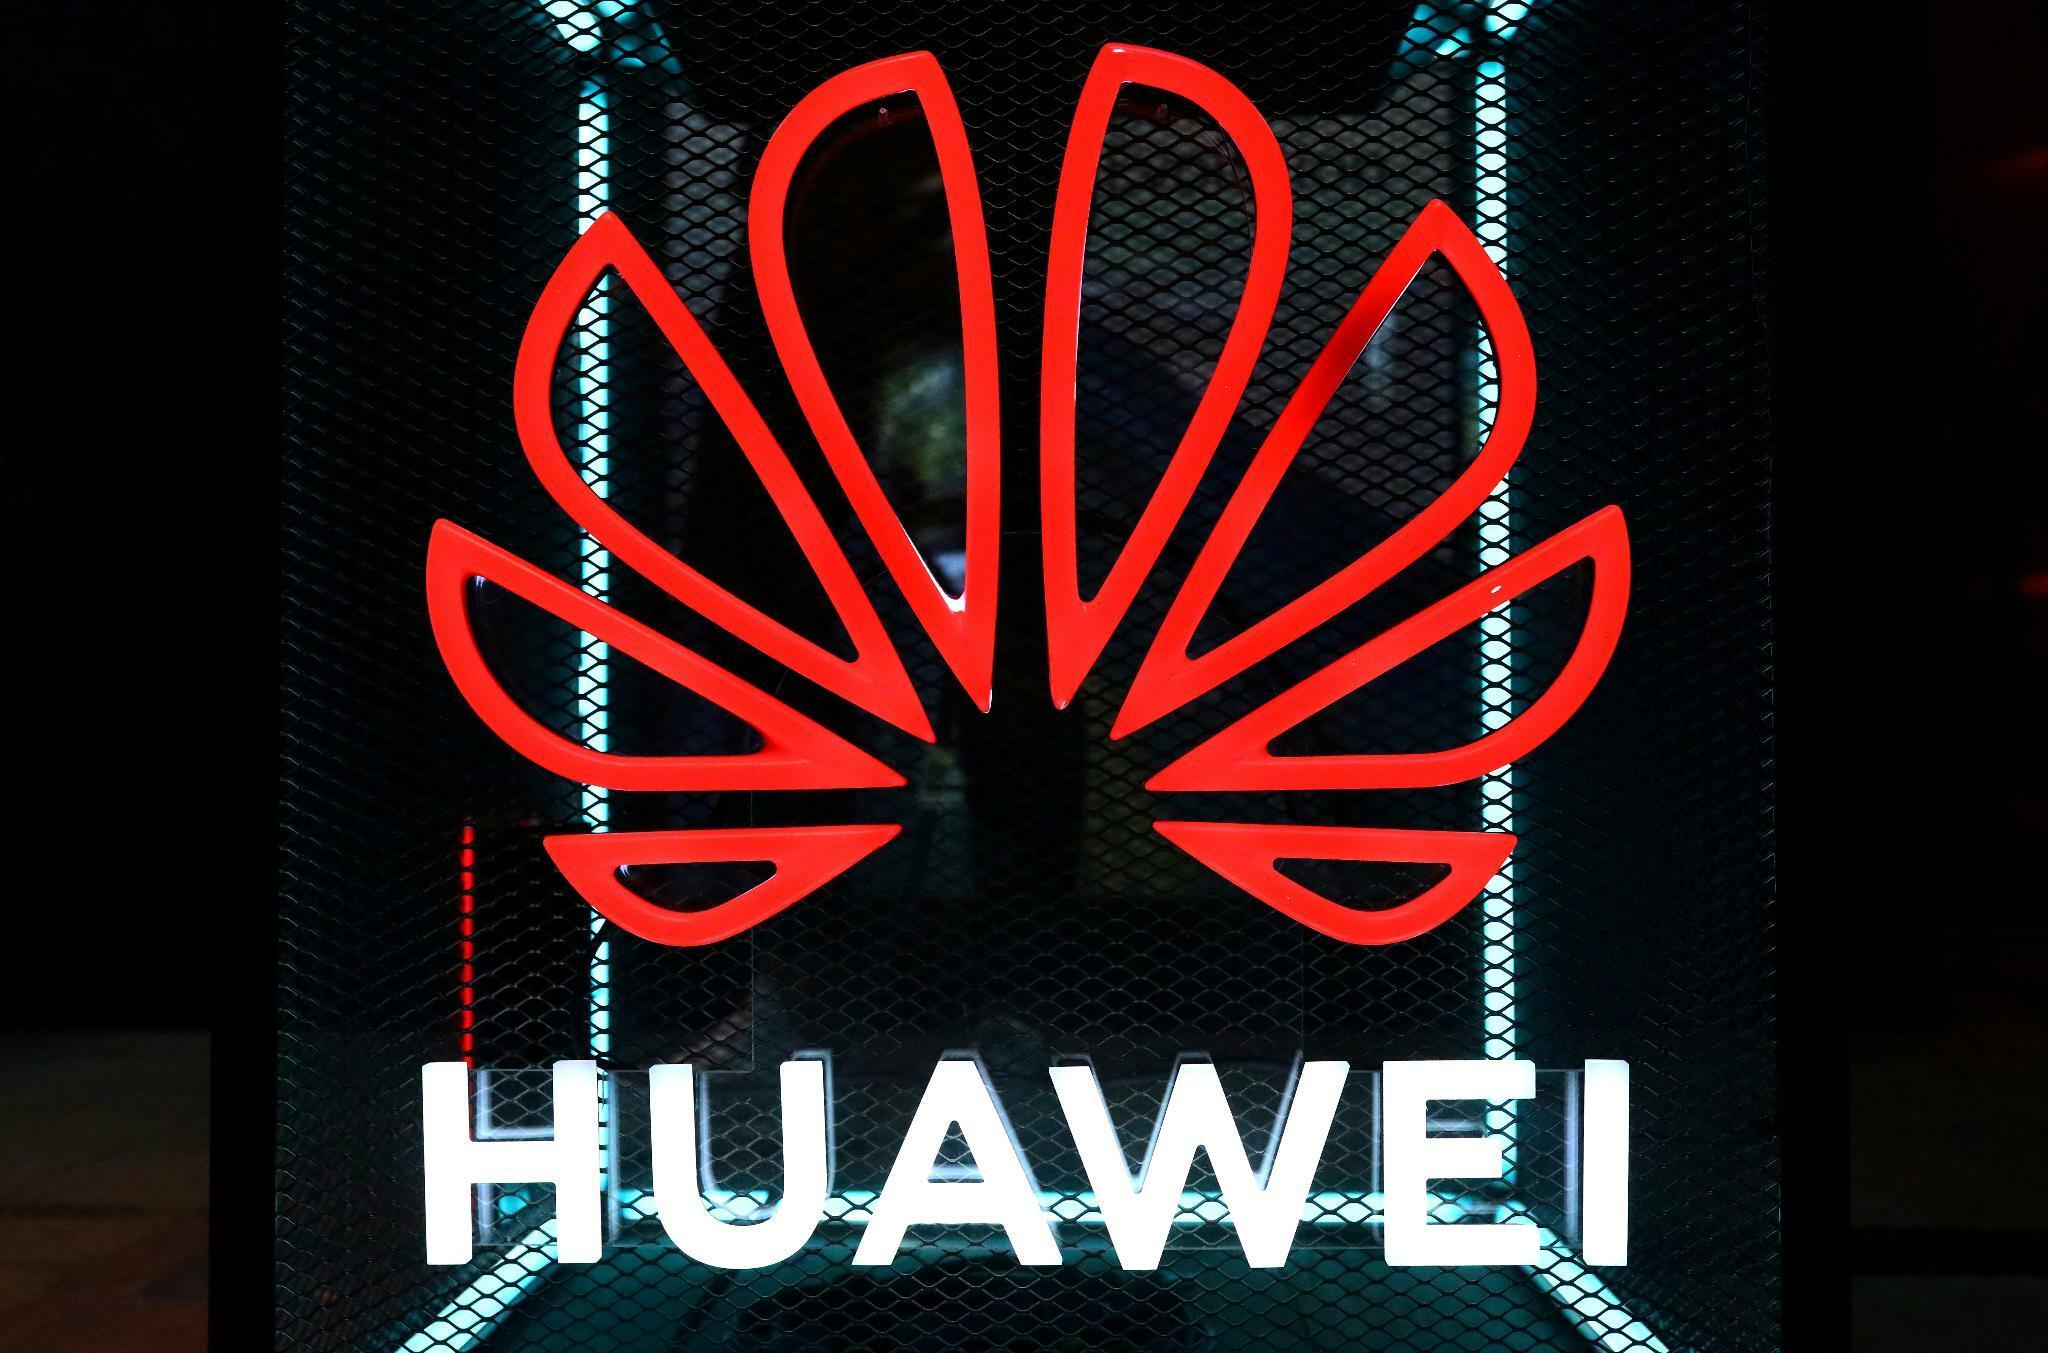 Huawei sichert sich 60 Verträge zum 5G-Ausbau